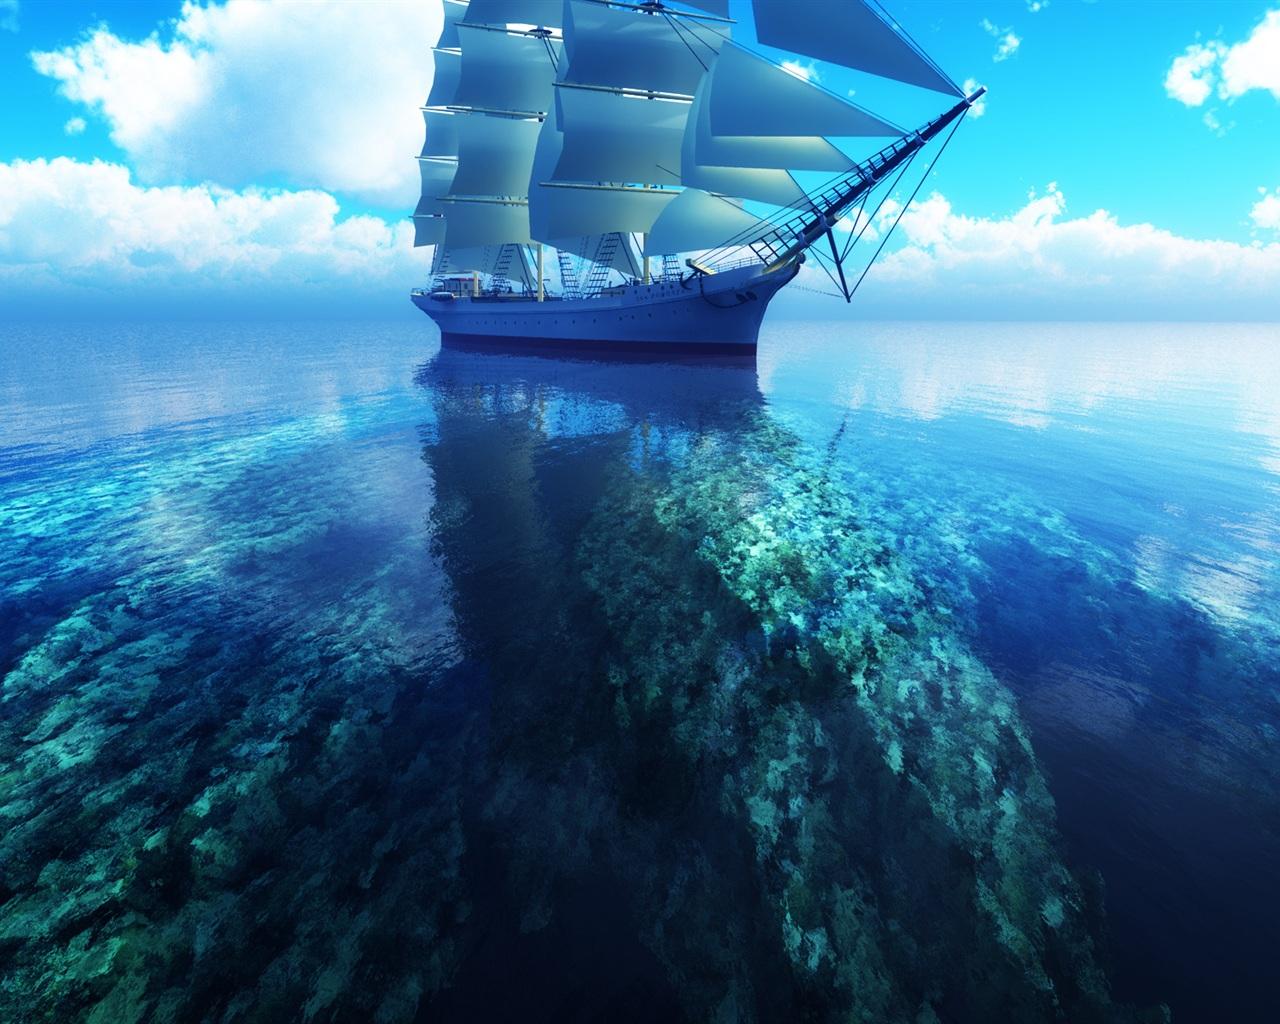 壁紙 3Dヨット青い海 1920x1200 HD 無料のデスクトップの背景, 画像